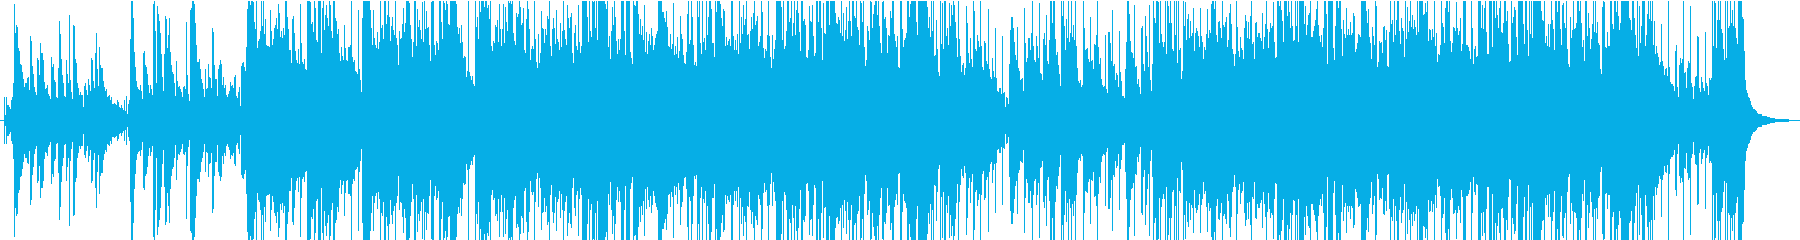 スペイン風ギターのロックインストの再生済みの波形